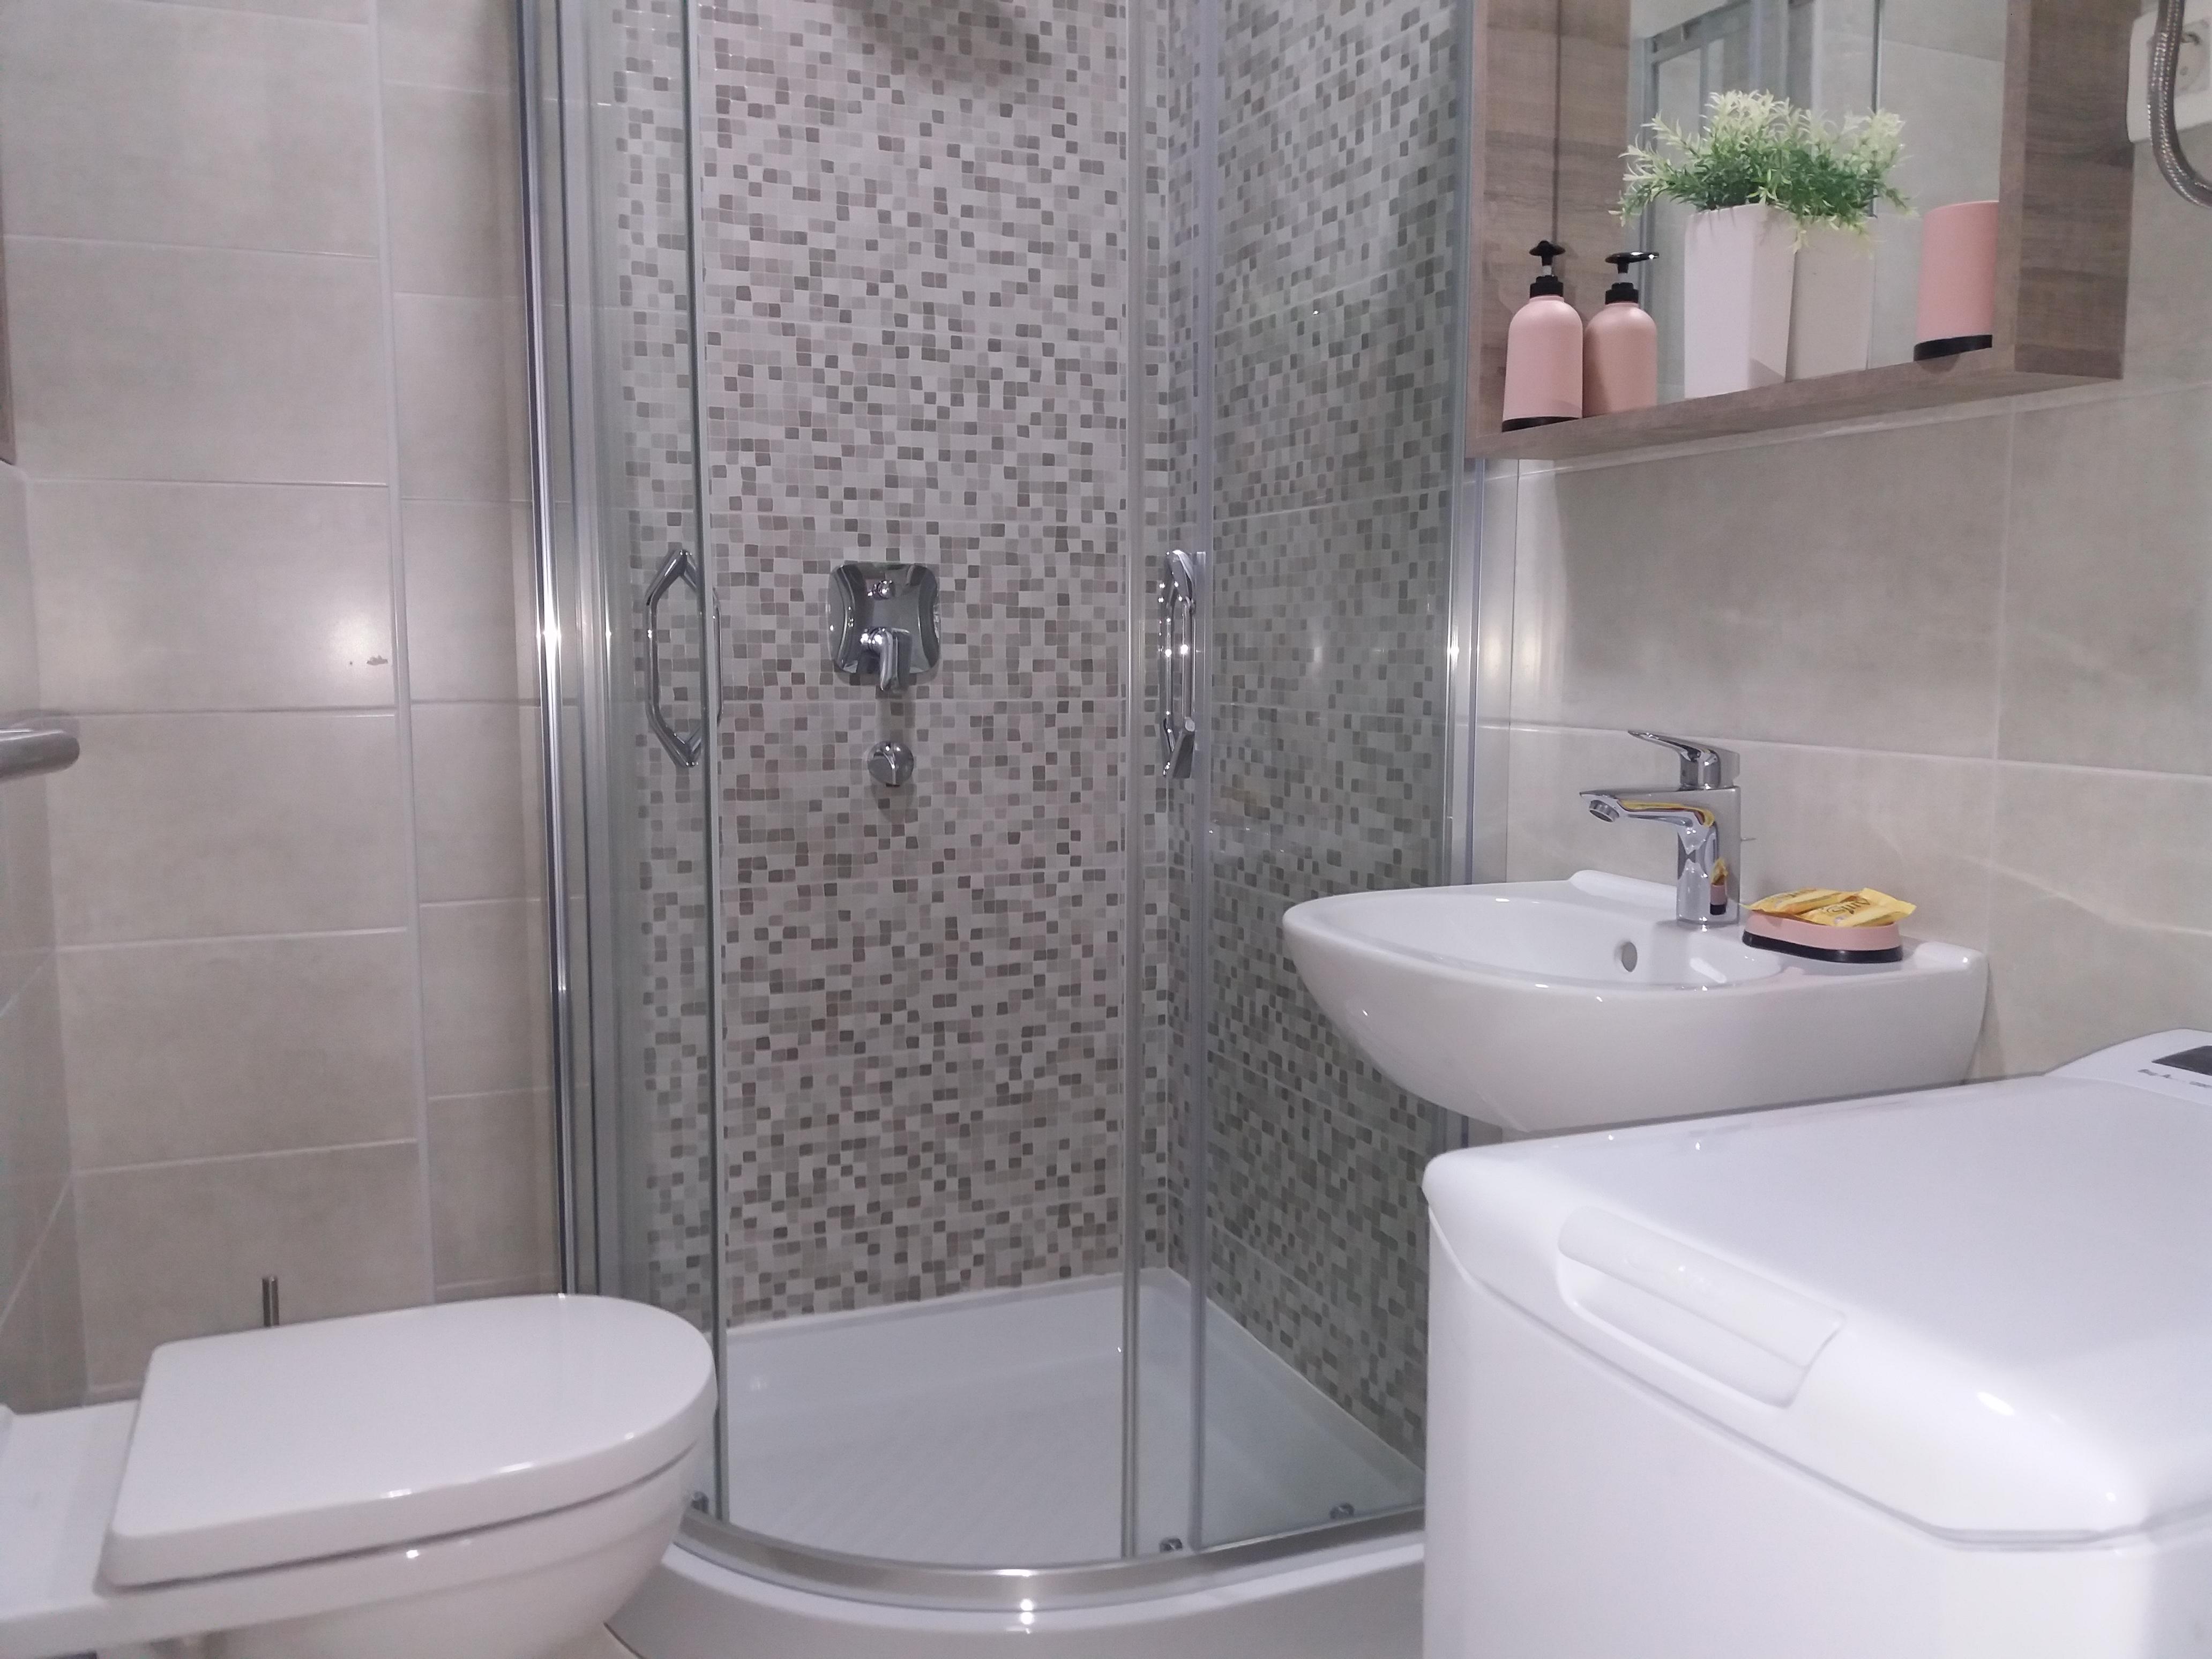 NewLine Montenegro - Luxury City one bedroom apartment C56 - Slika 9